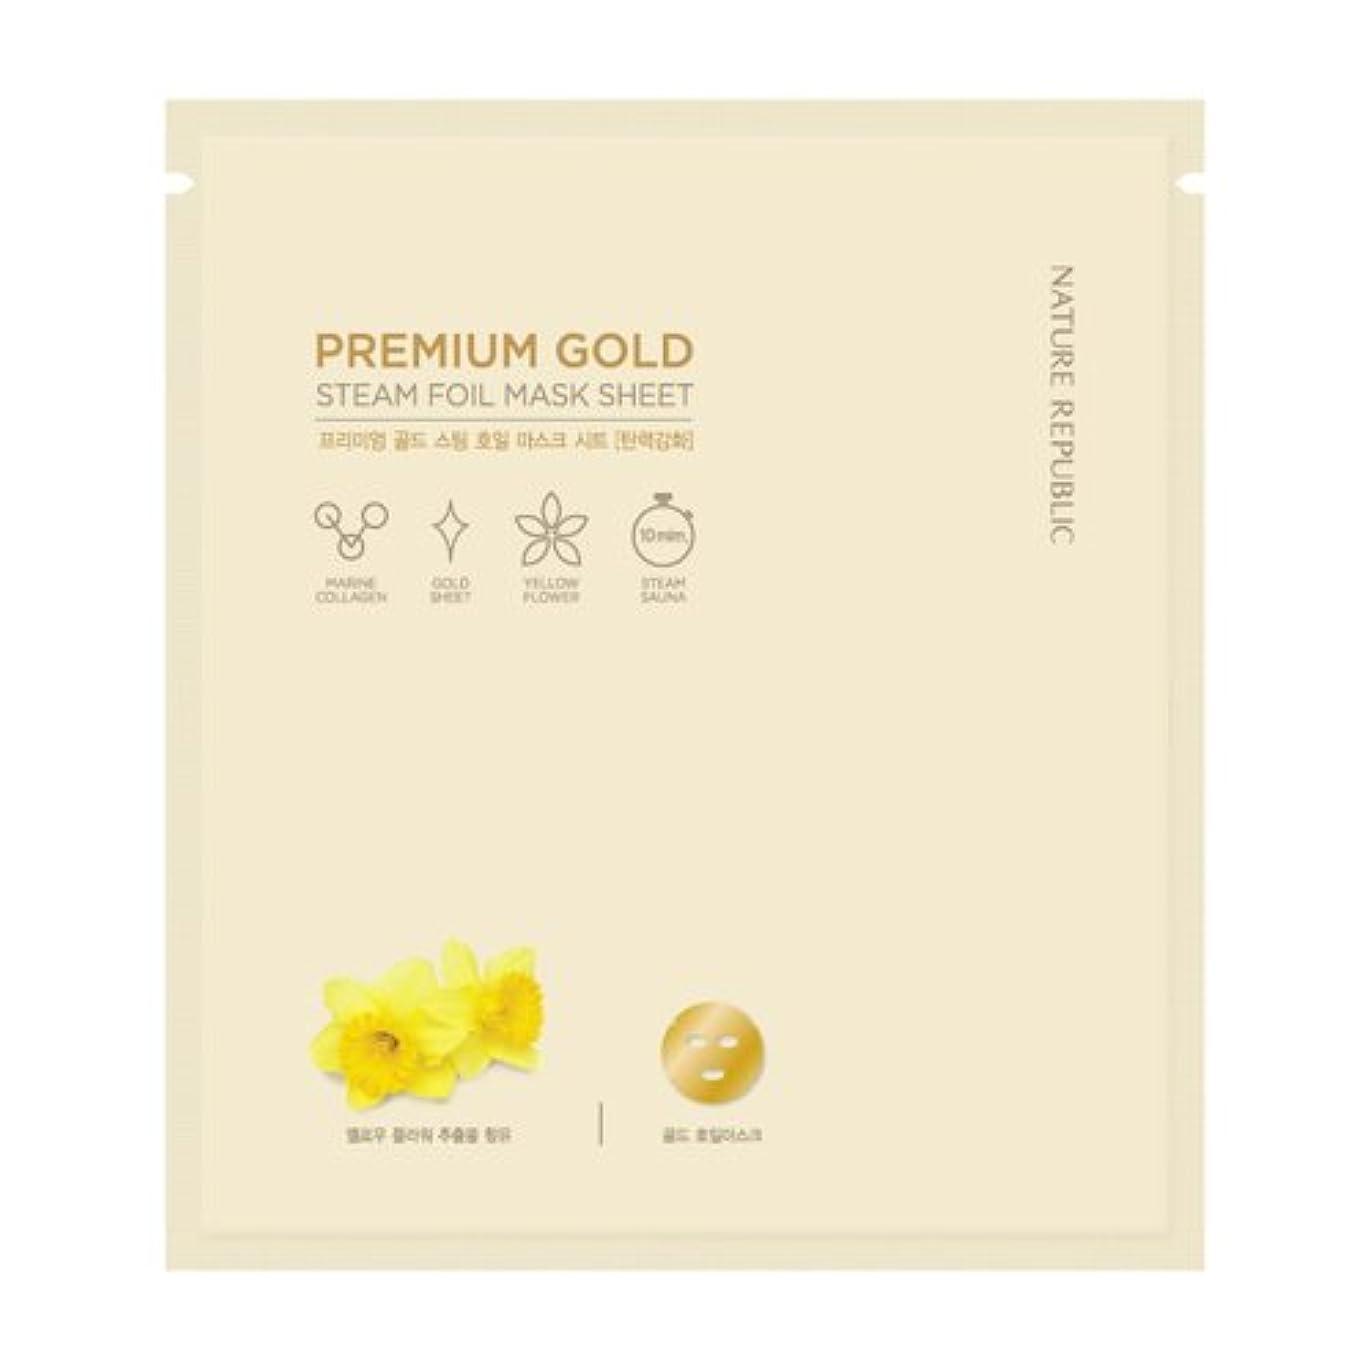 歩行者ロードハウス子供達Nature Republic Premium Gold Steam Foil Mask Sheet [5ea] ネーチャーリパブリック プレミアムゴールドスチームホイルマスクシート [5枚] [並行輸入品]